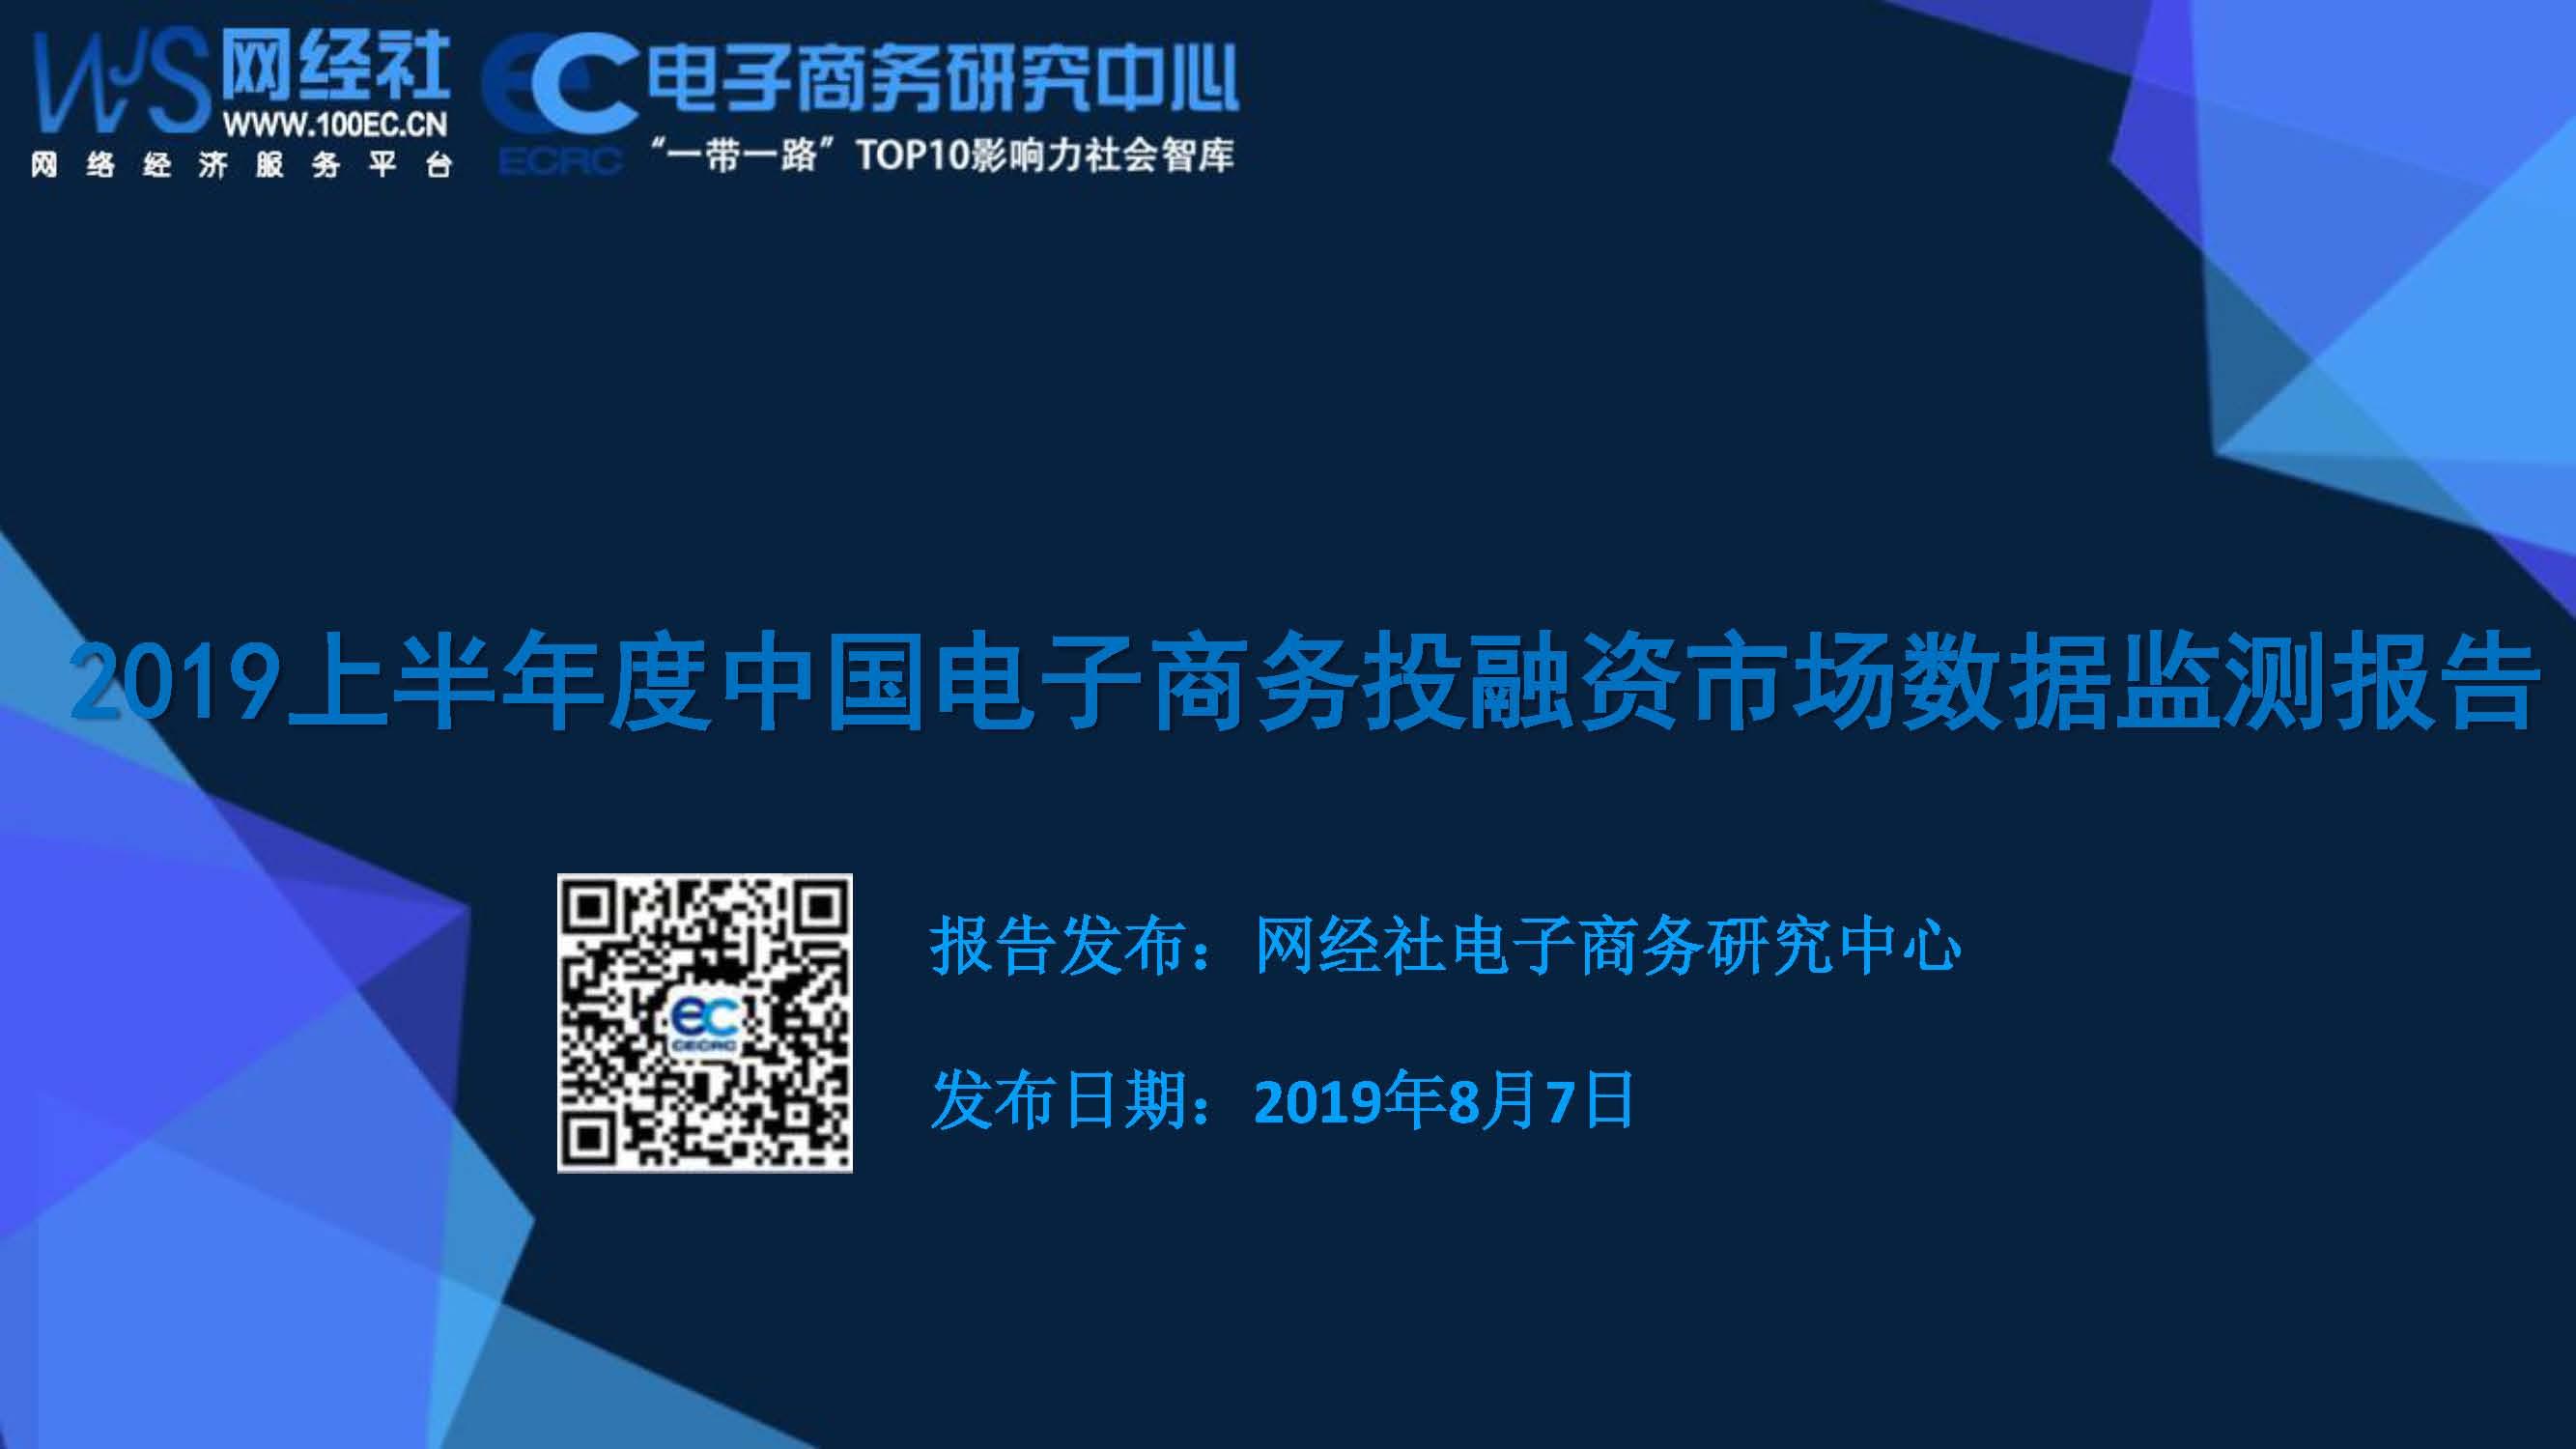 2019上半年中国电子商务投融资市场数据监测报告(20190807)_页面_01.jpg